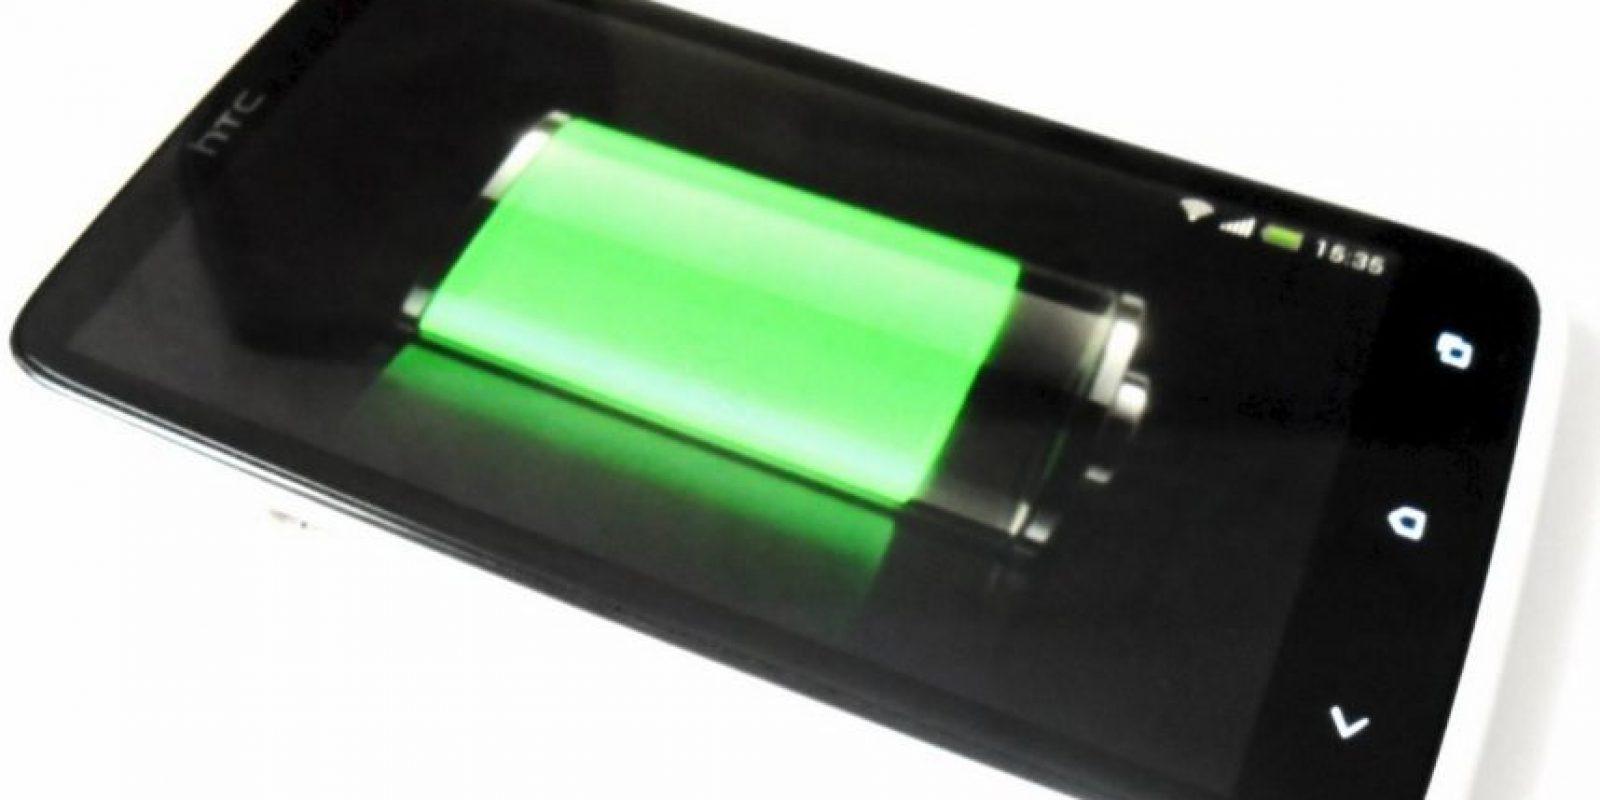 Ahora entenderán por qué la batería de su Android se acaba rápidamente. Foto:Pinterest